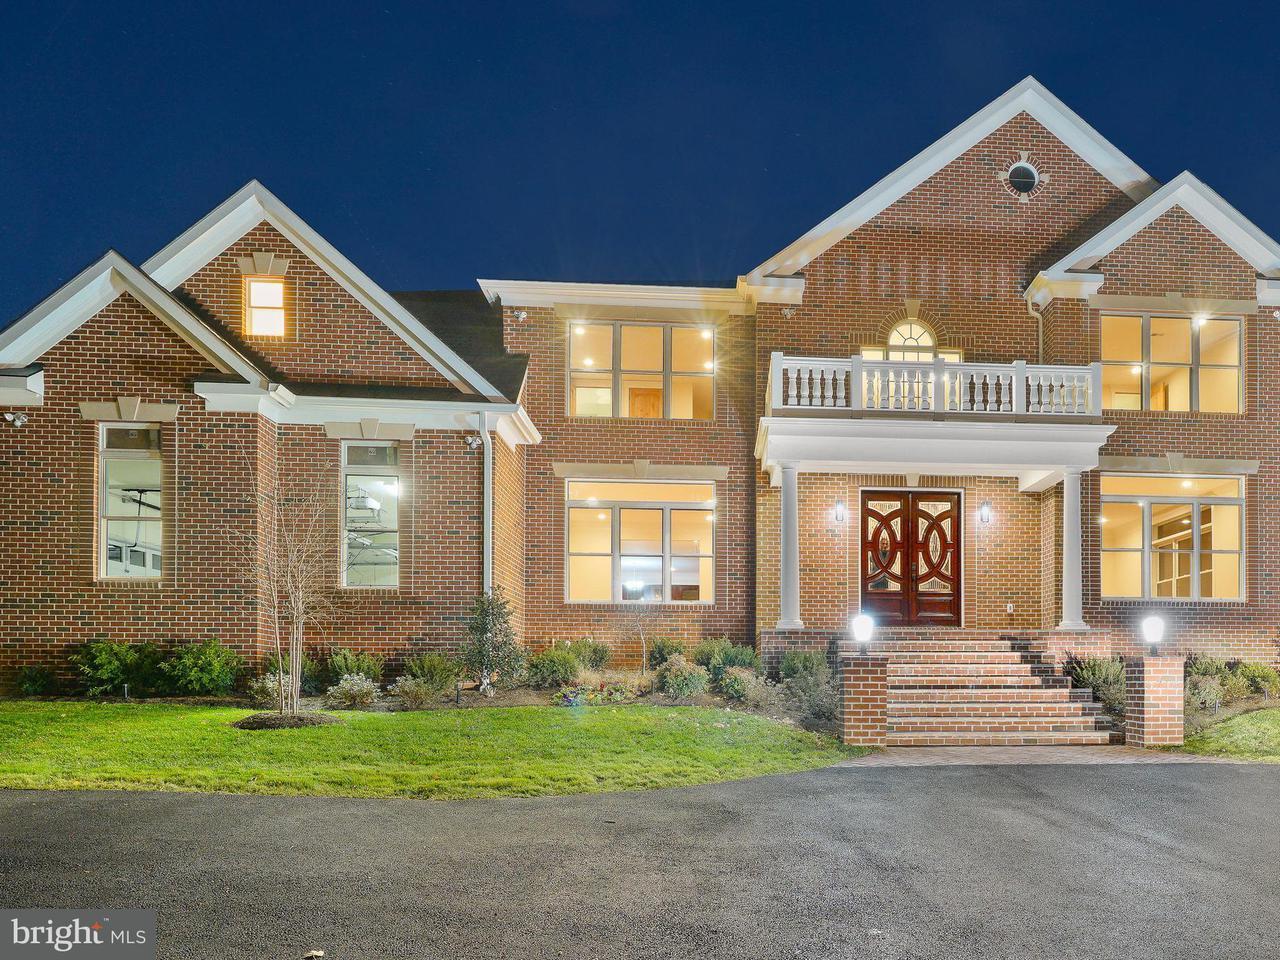 独户住宅 为 销售 在 2716 W W OX Road 2716 W W OX Road 奥克希尔, 弗吉尼亚州 20171 美国